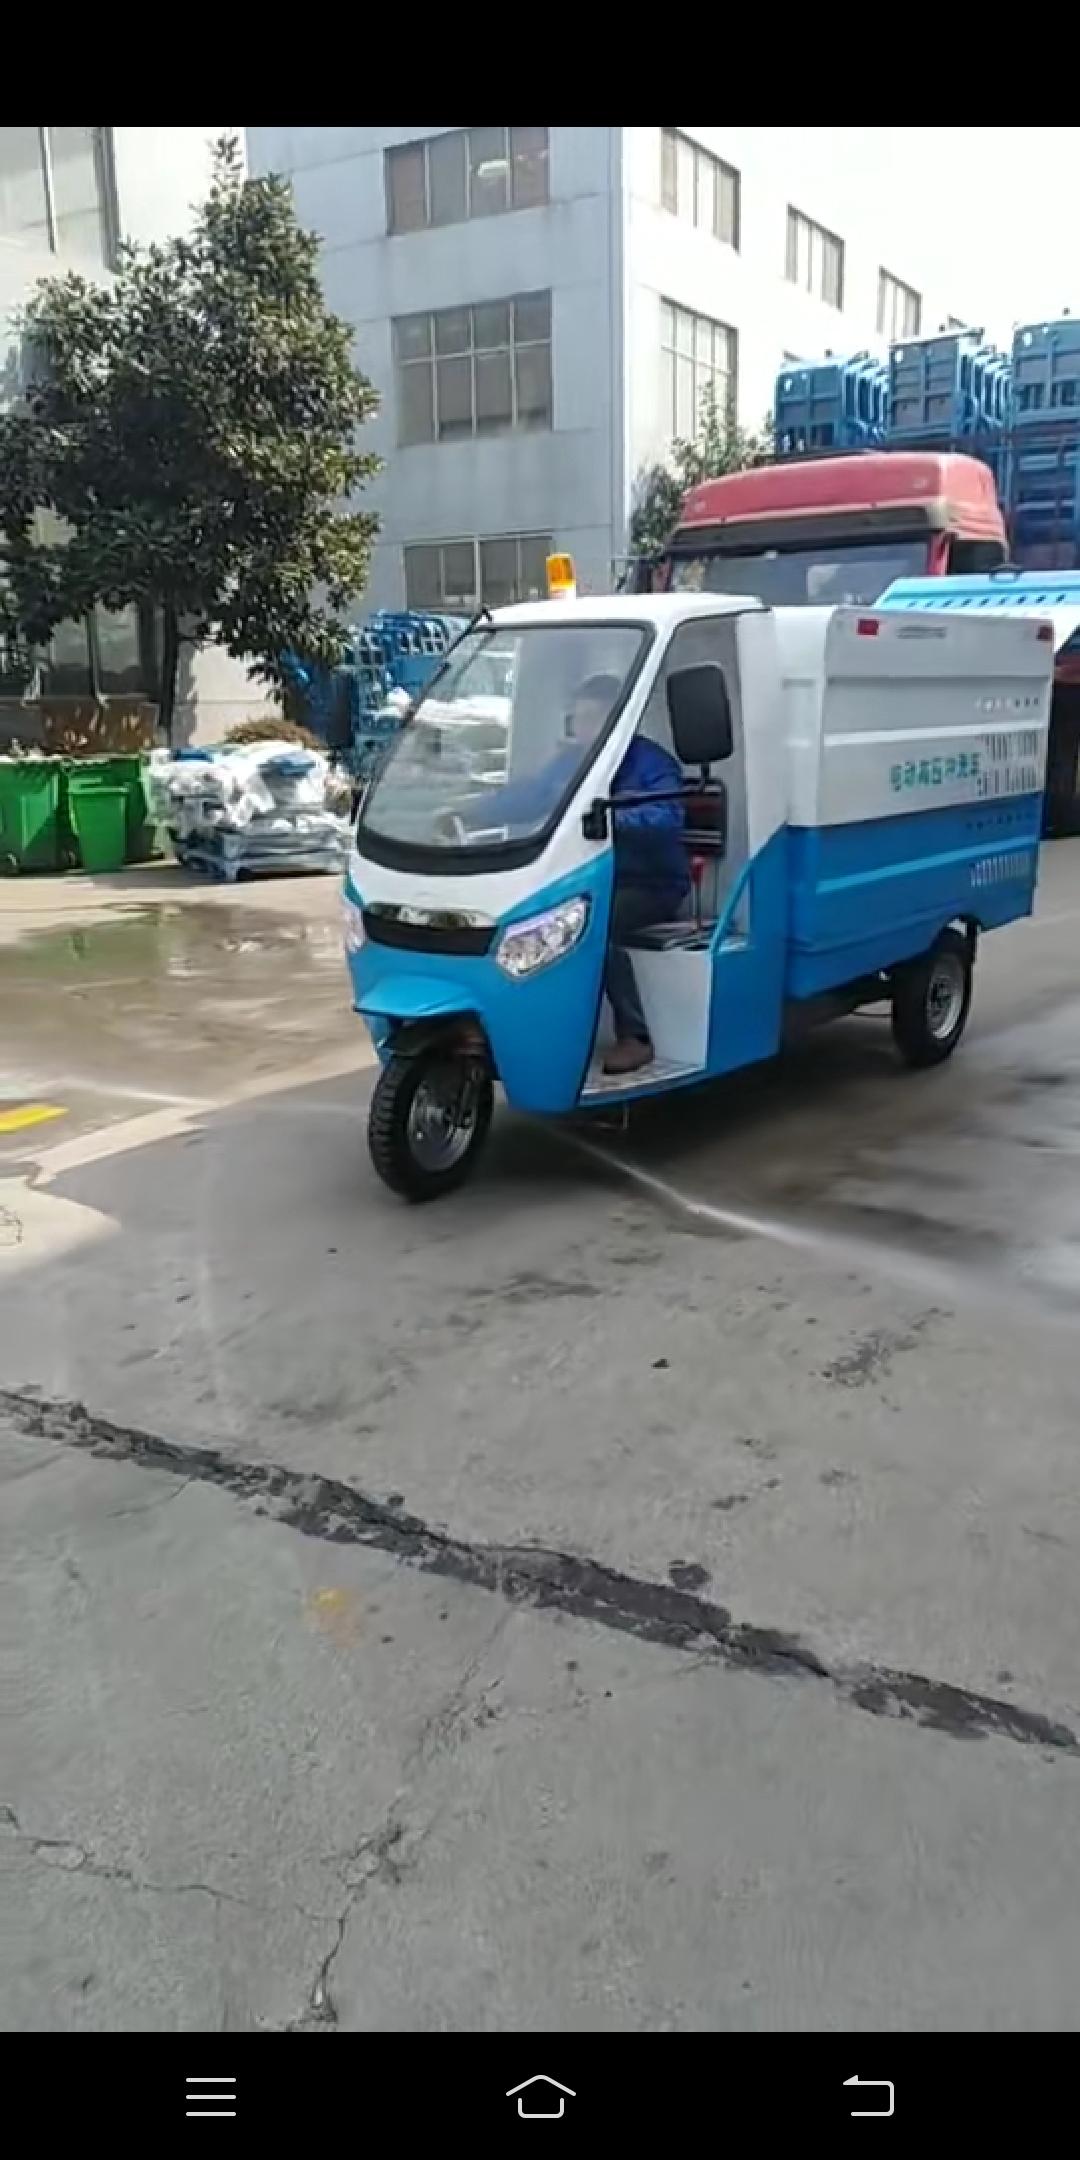 電動三輪清洗車視頻